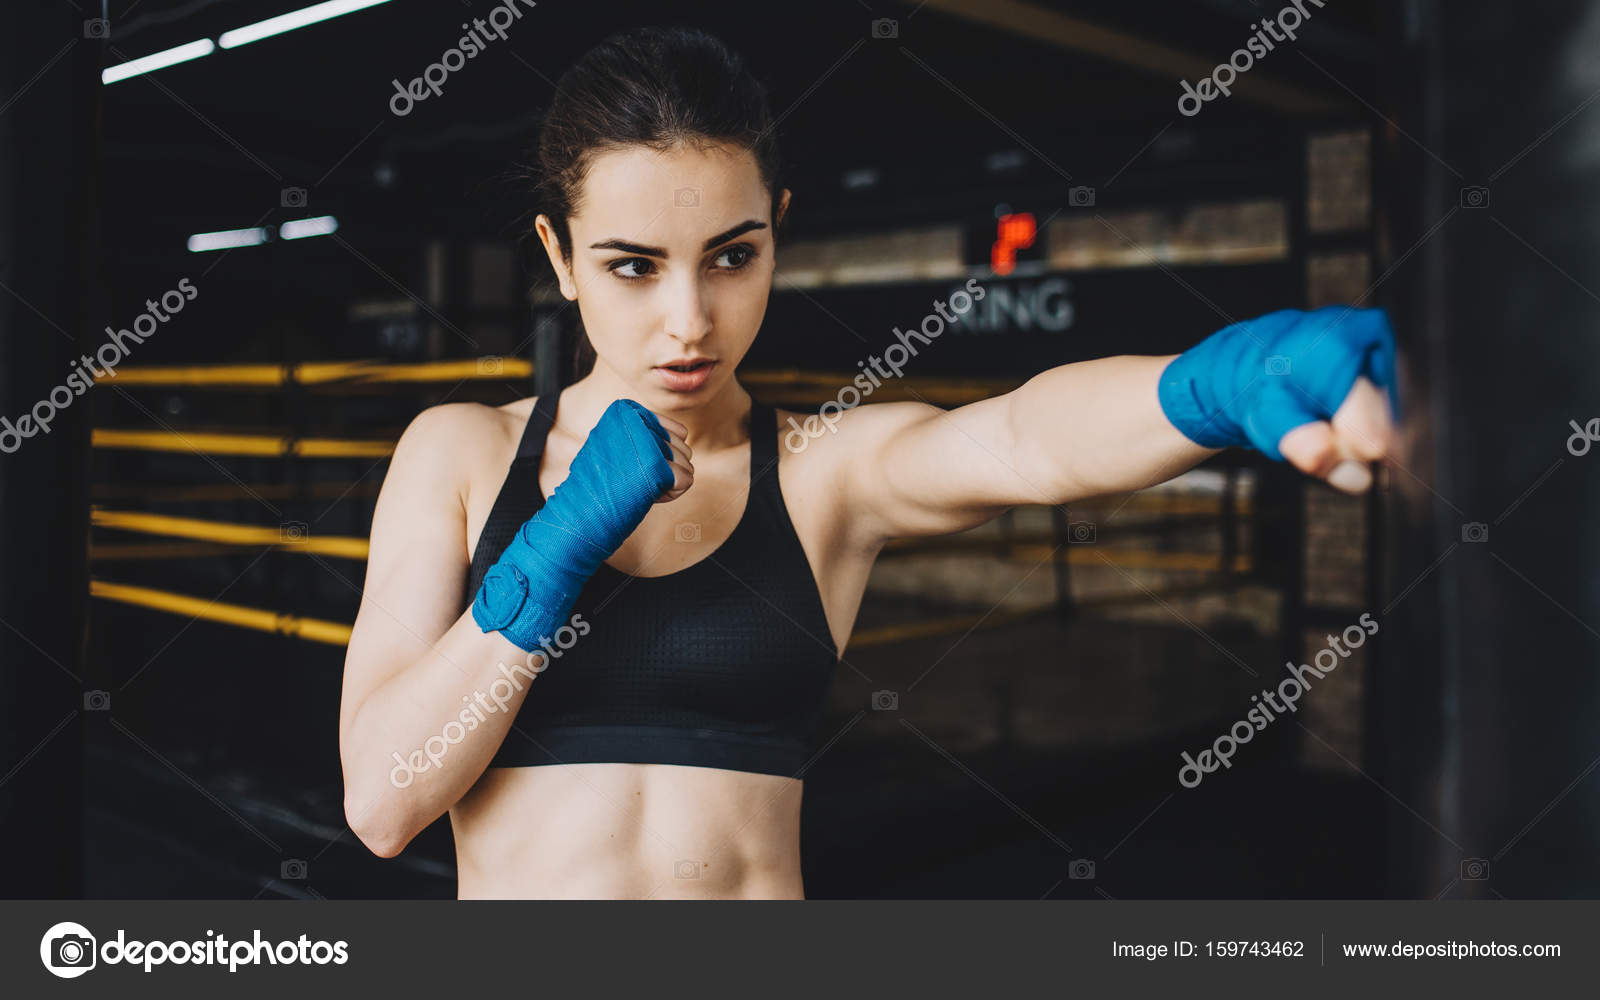 borba-krasivih-muskulistih-zhenshin